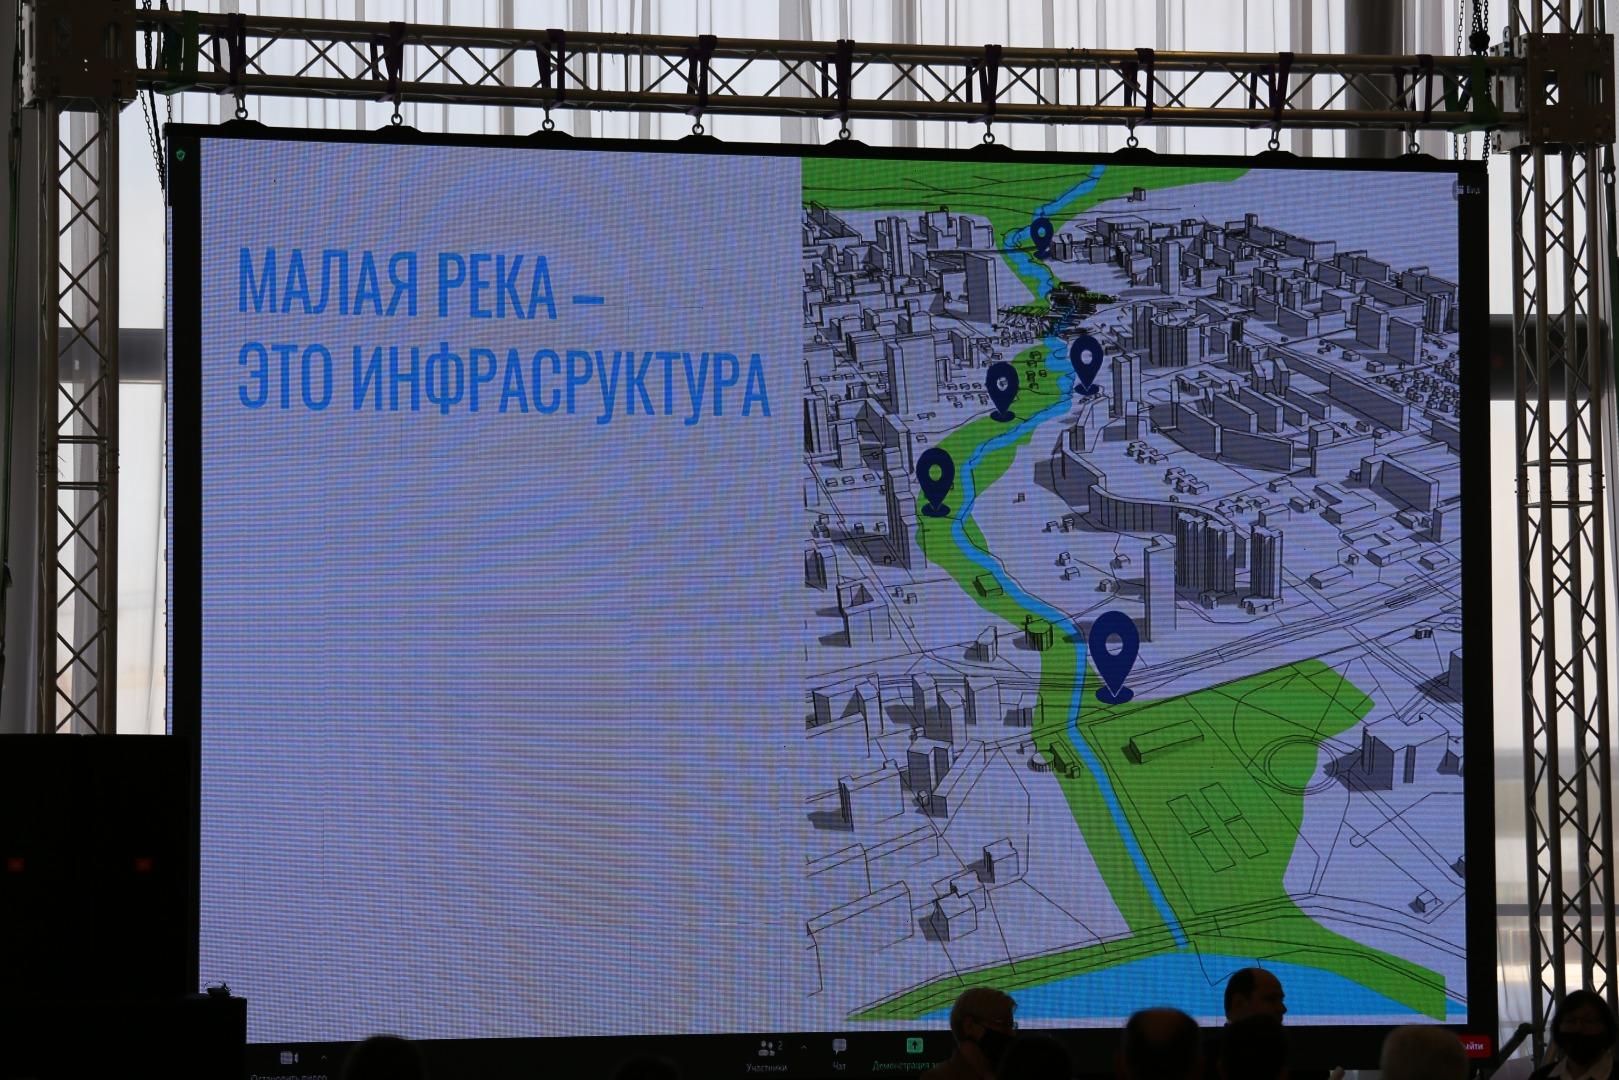 Картинка с презентации по благоустройству малых рек